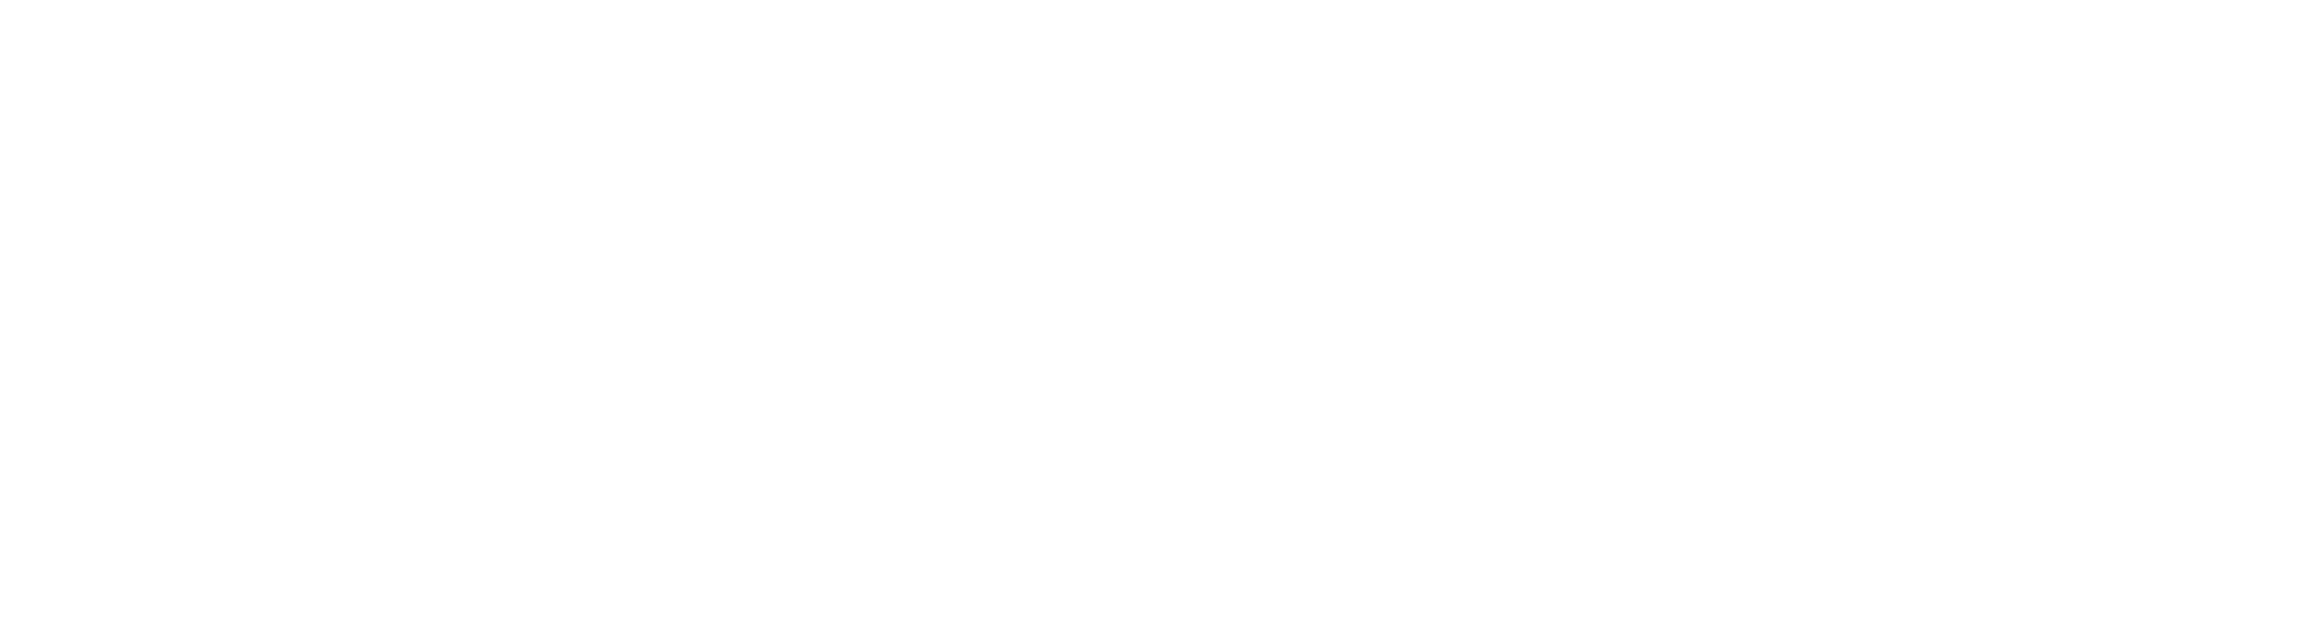 O. Falade